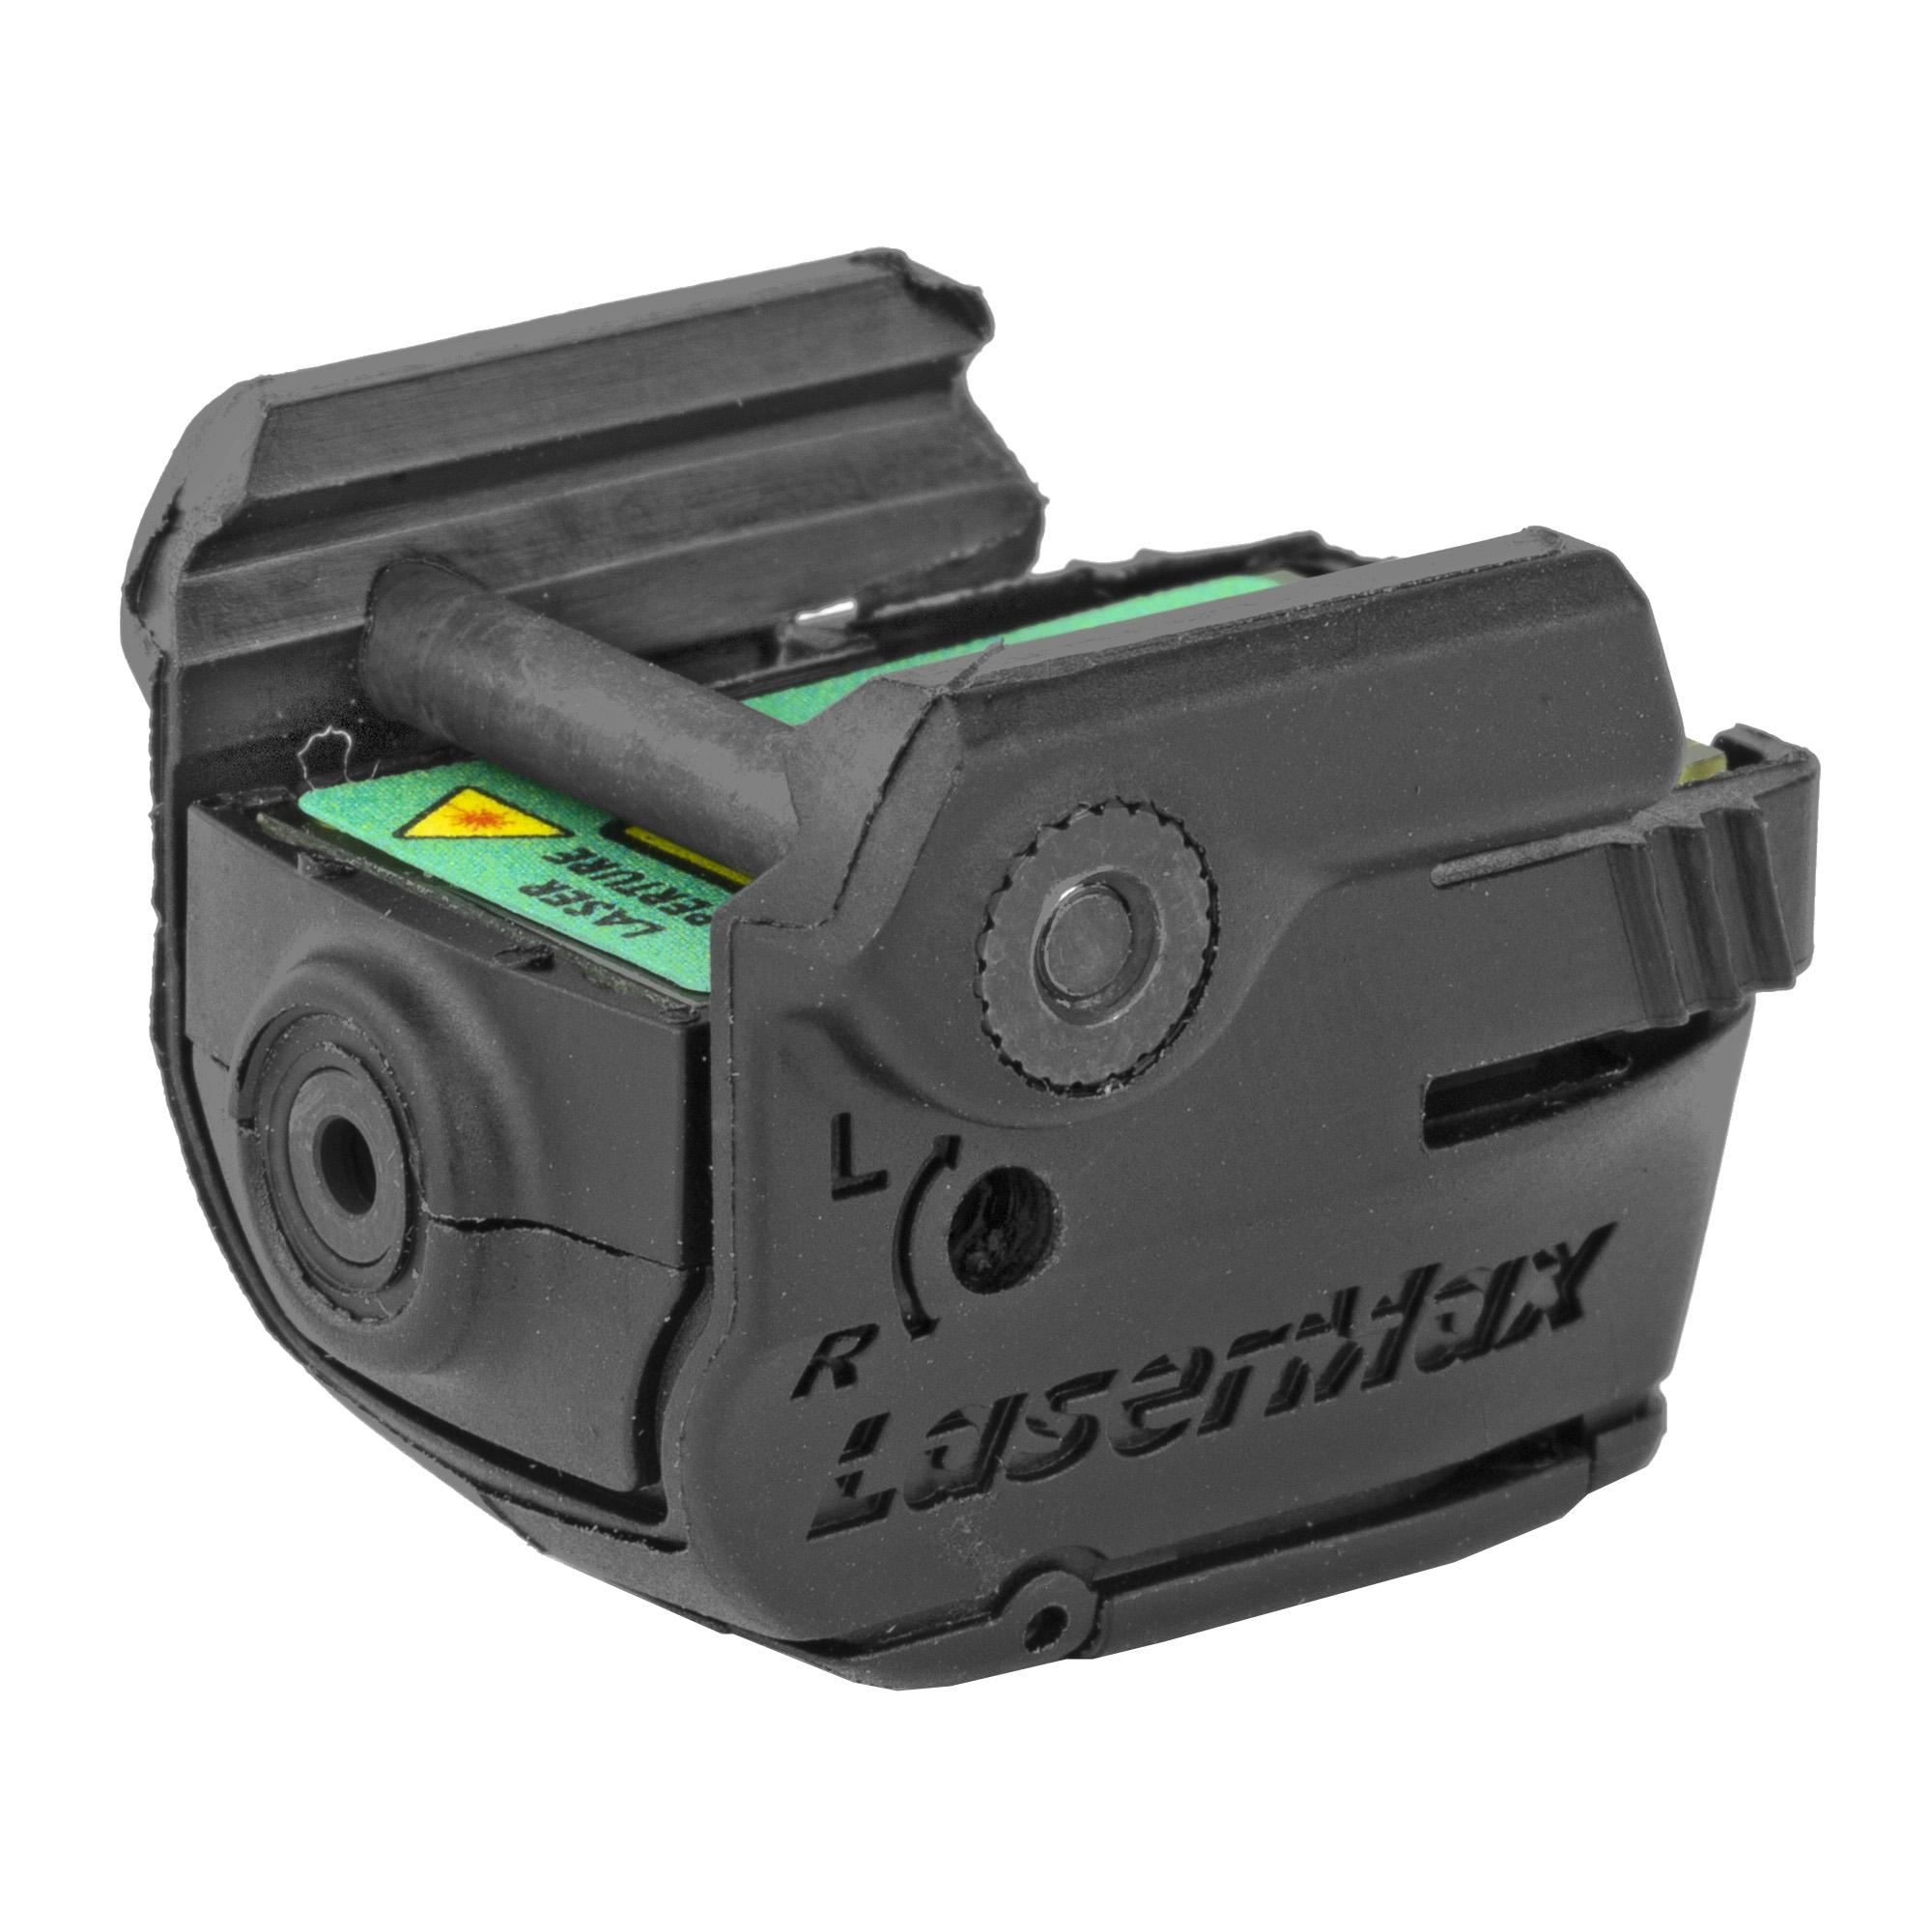 Lasermax Lms-micro Rail Mntd Lsr Grn